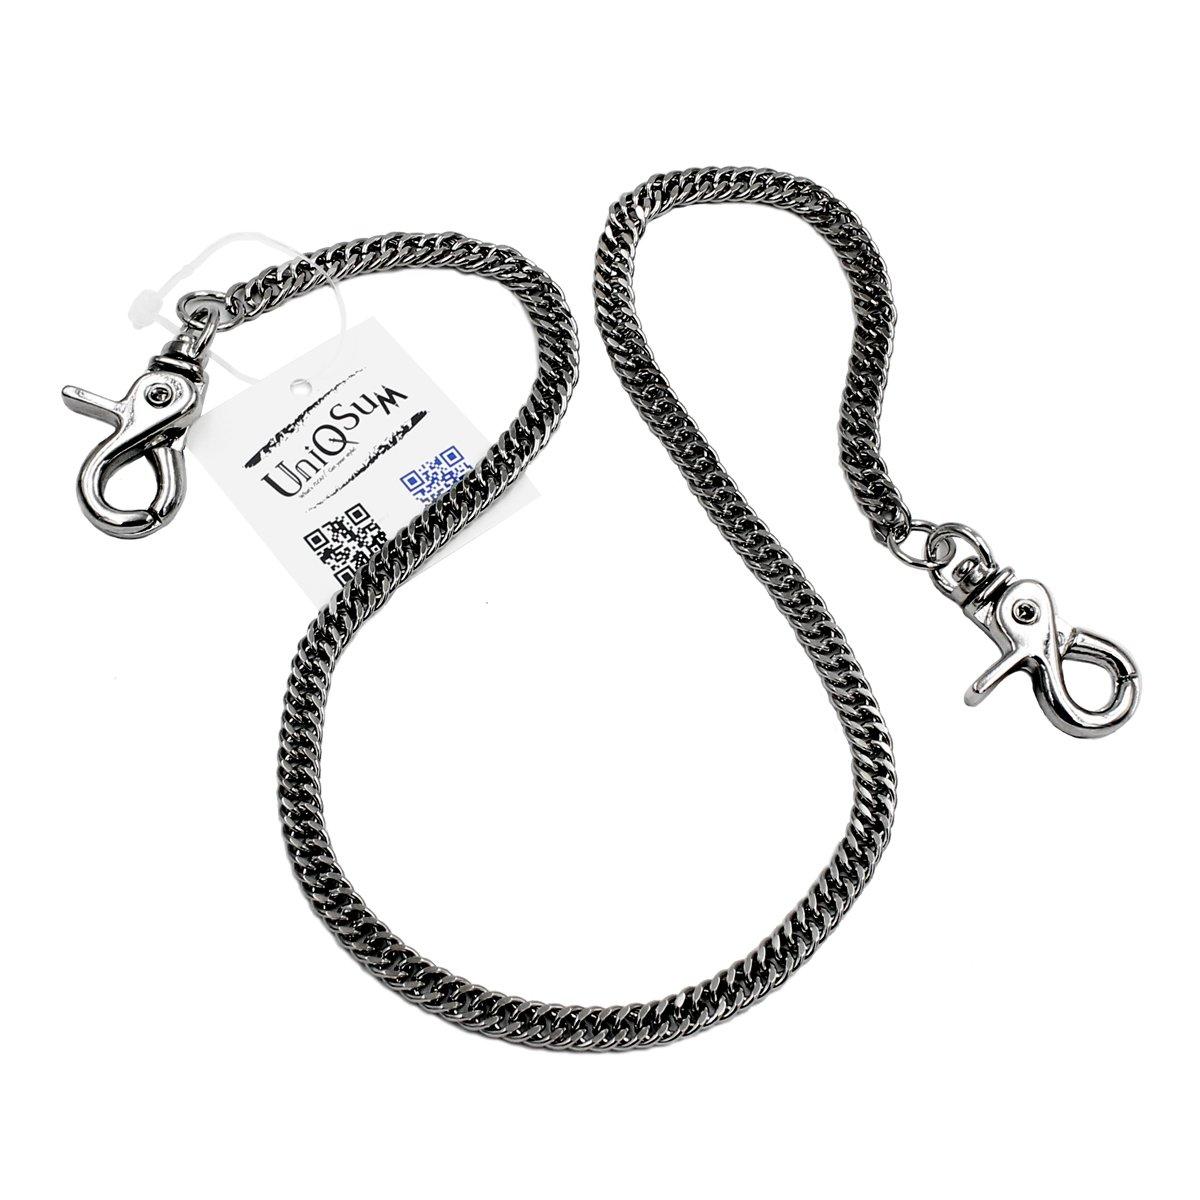 8cd655a0338d Lightweight Super Thin Cut Link Wallet Chain Swivel Trigger snap ...